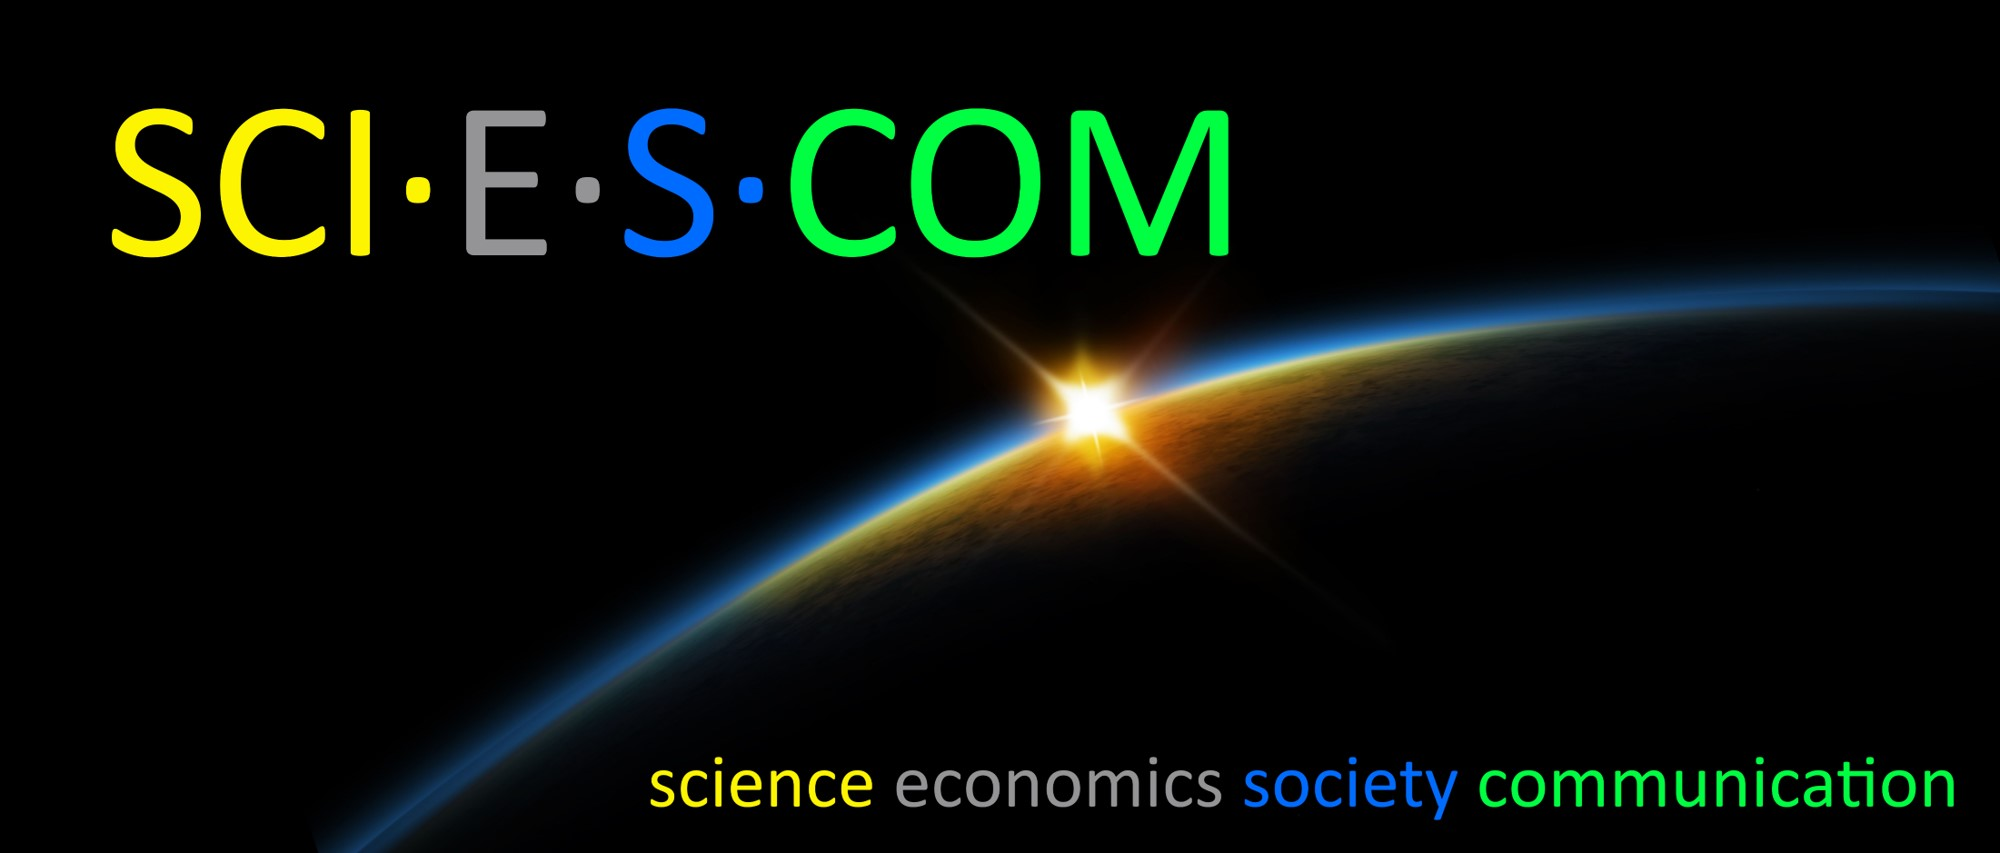 Logo SCI.E.S.COM e.U.